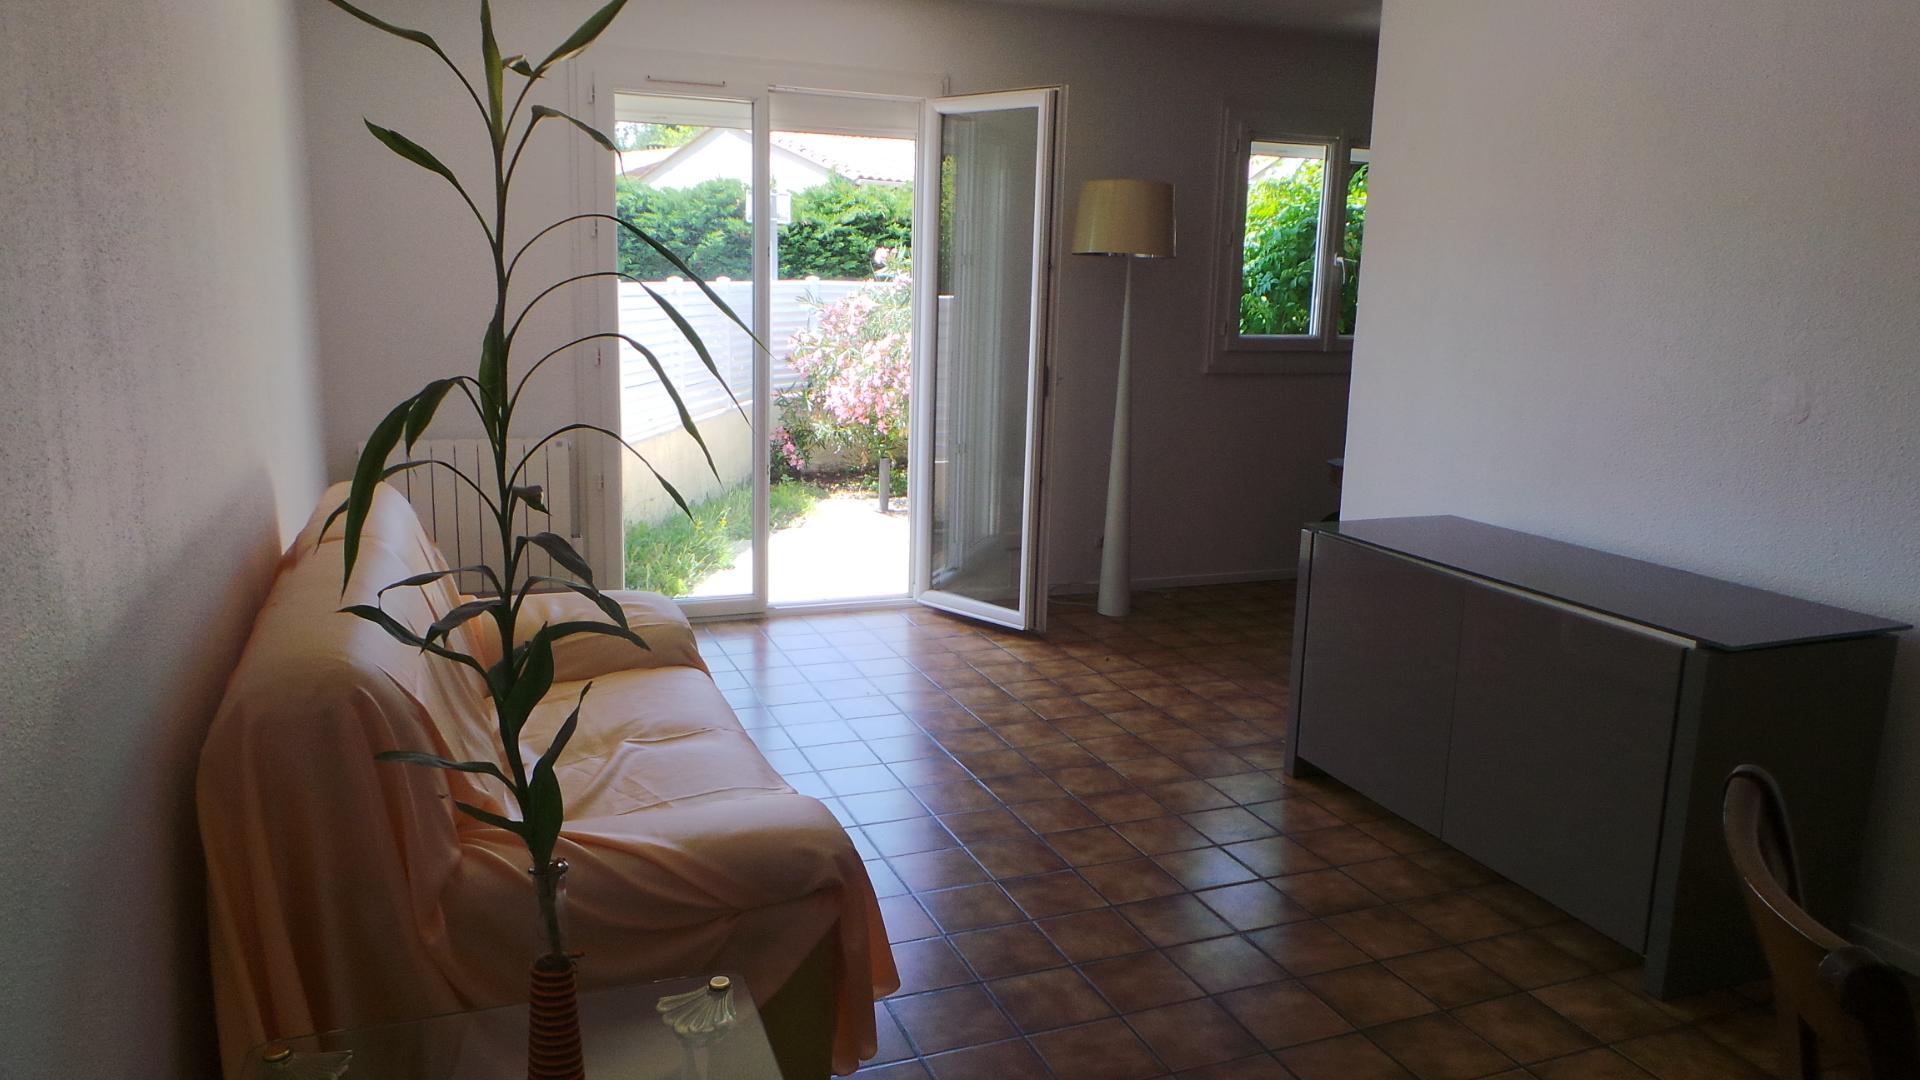 Maison de plain-pied 78 m² – Mérignac 33700